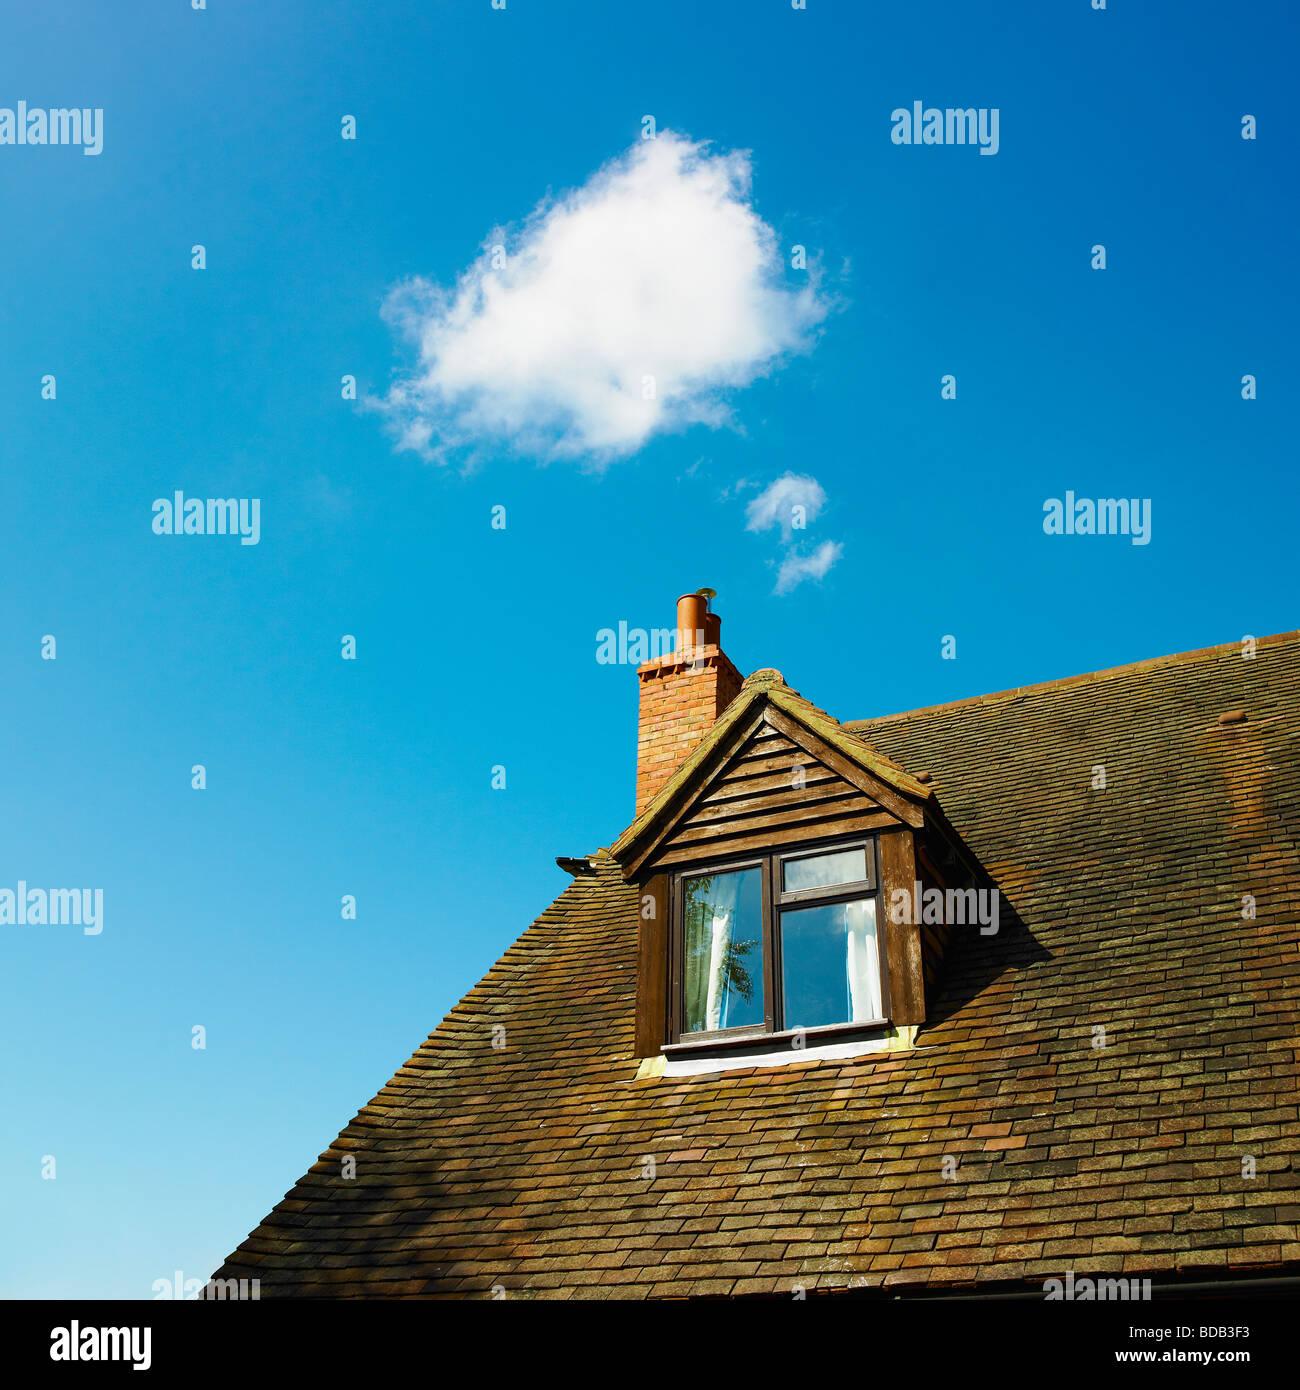 Casa com computação em nuvem e céu azul - computação em nuvem - home office. Imagens de Stock